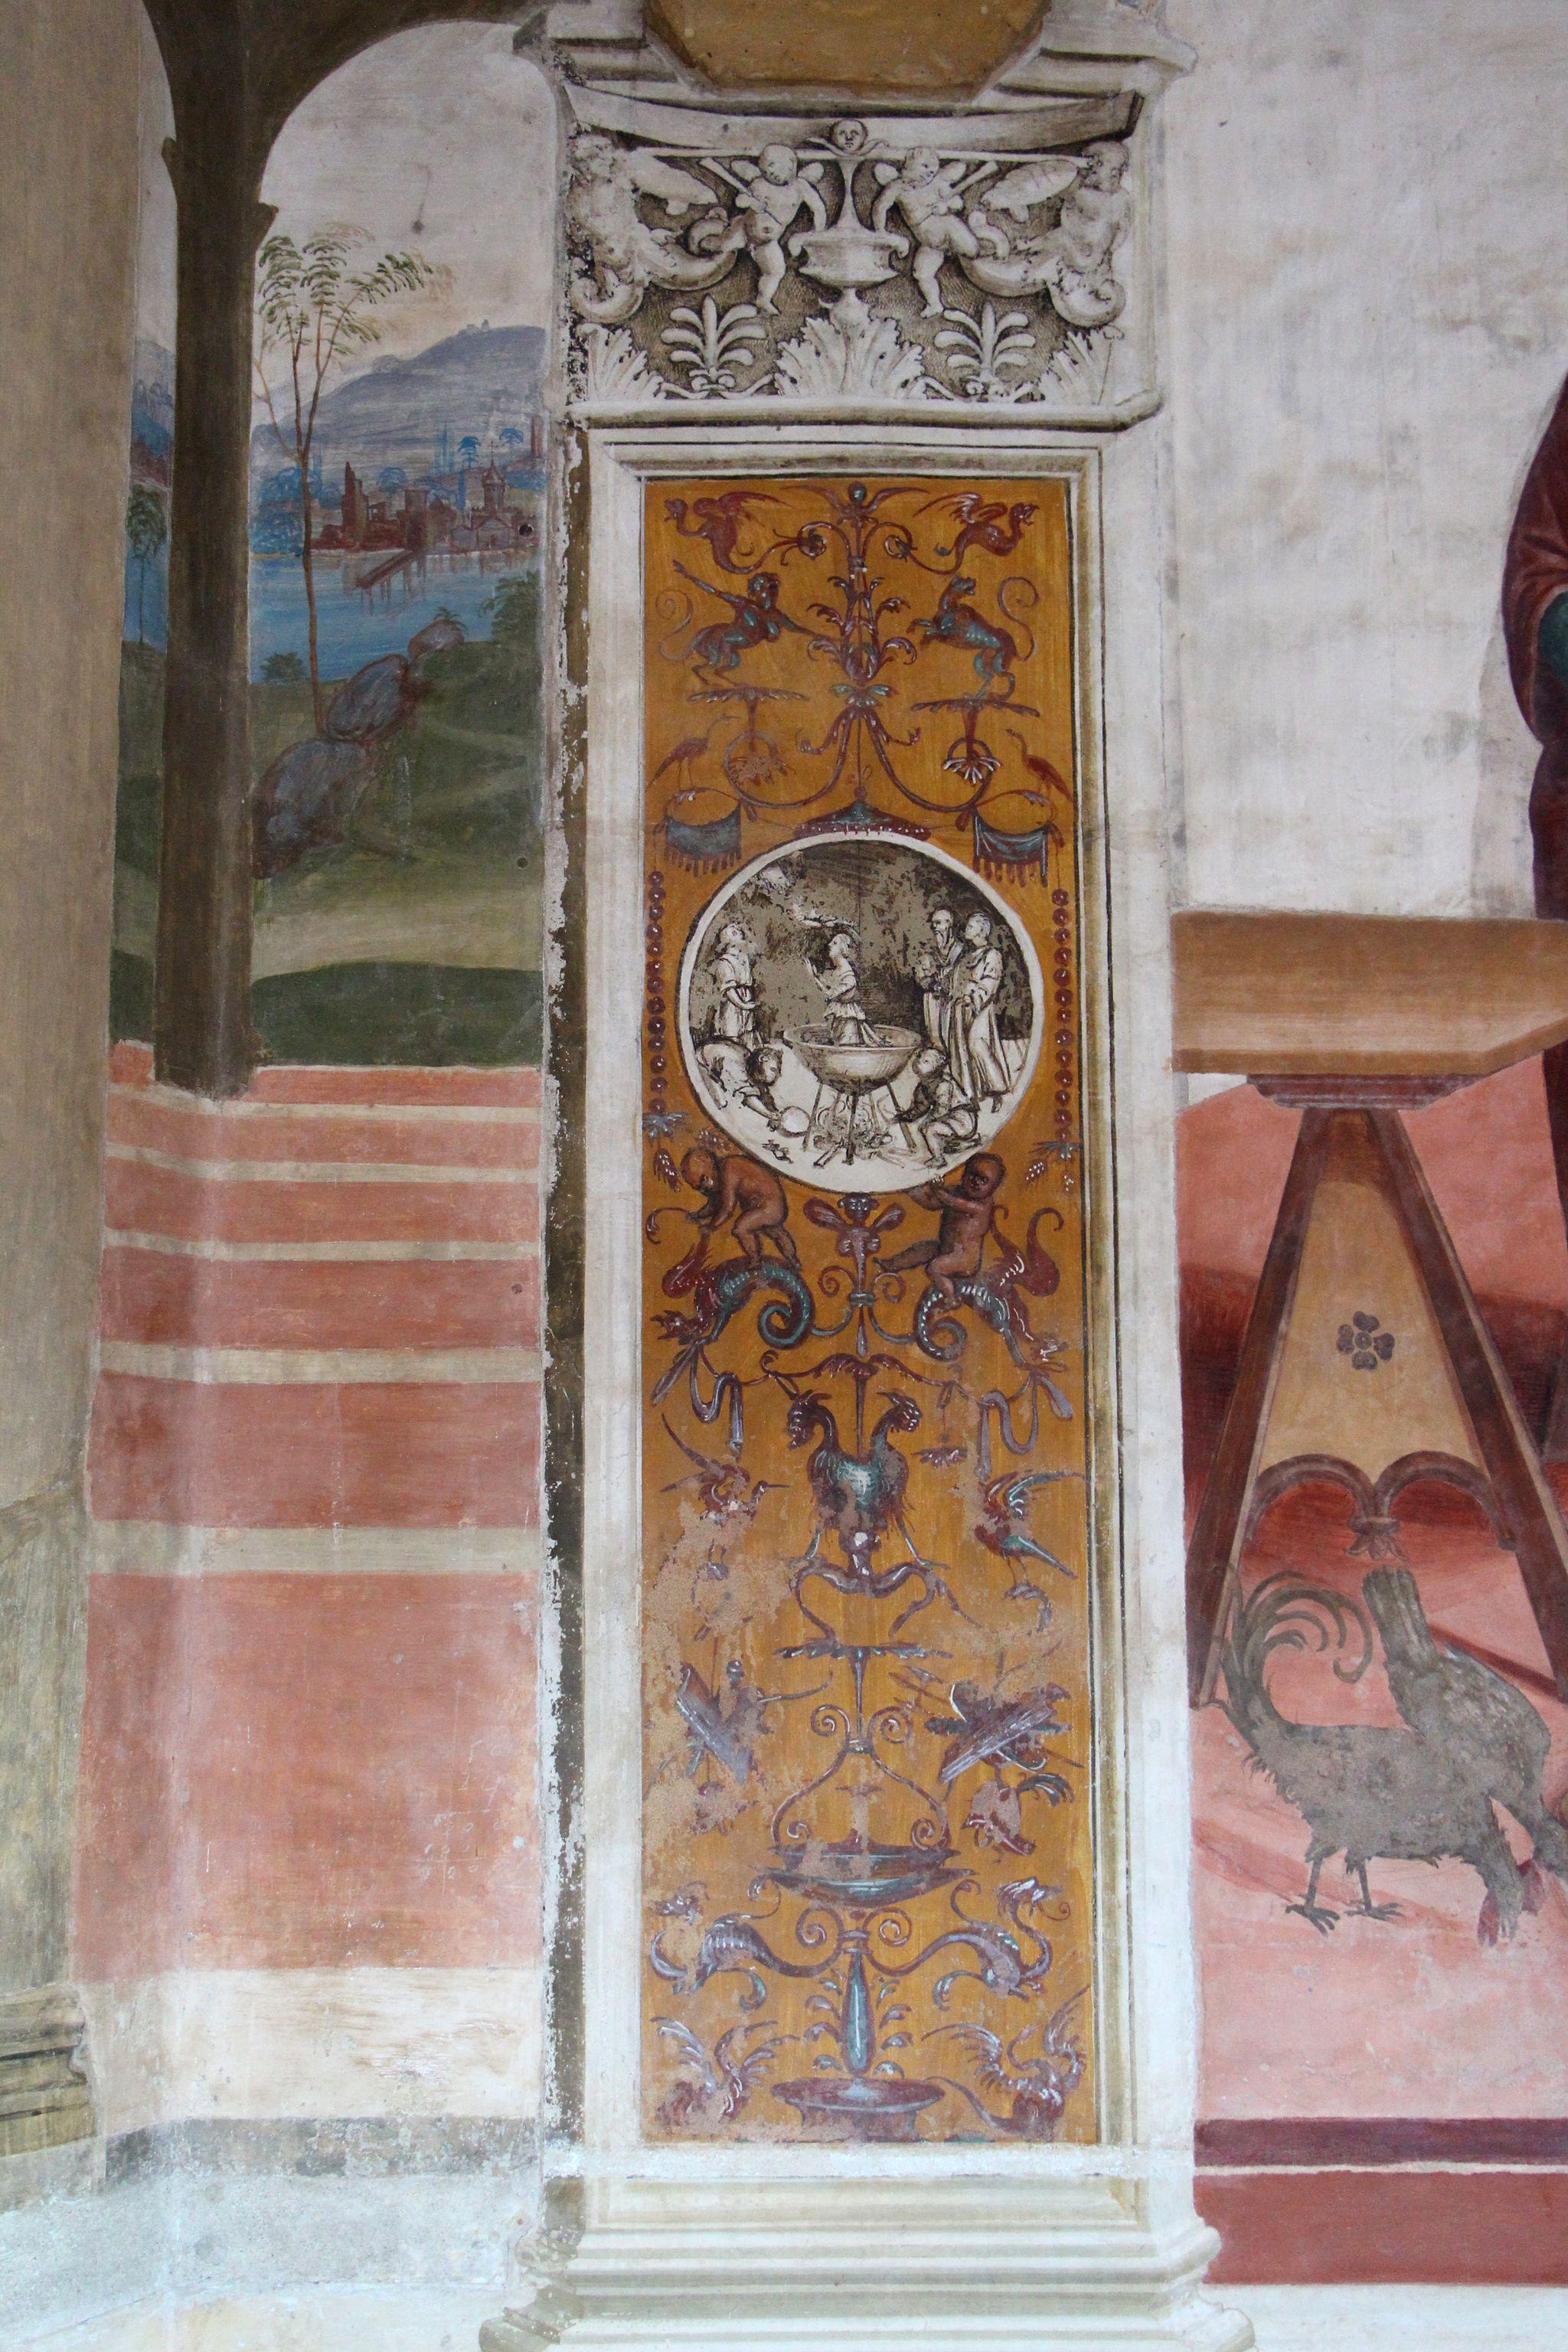 Storie di s. benedetto, 02 sodoma - Come Benedetto abbandona la scuola di roma 06